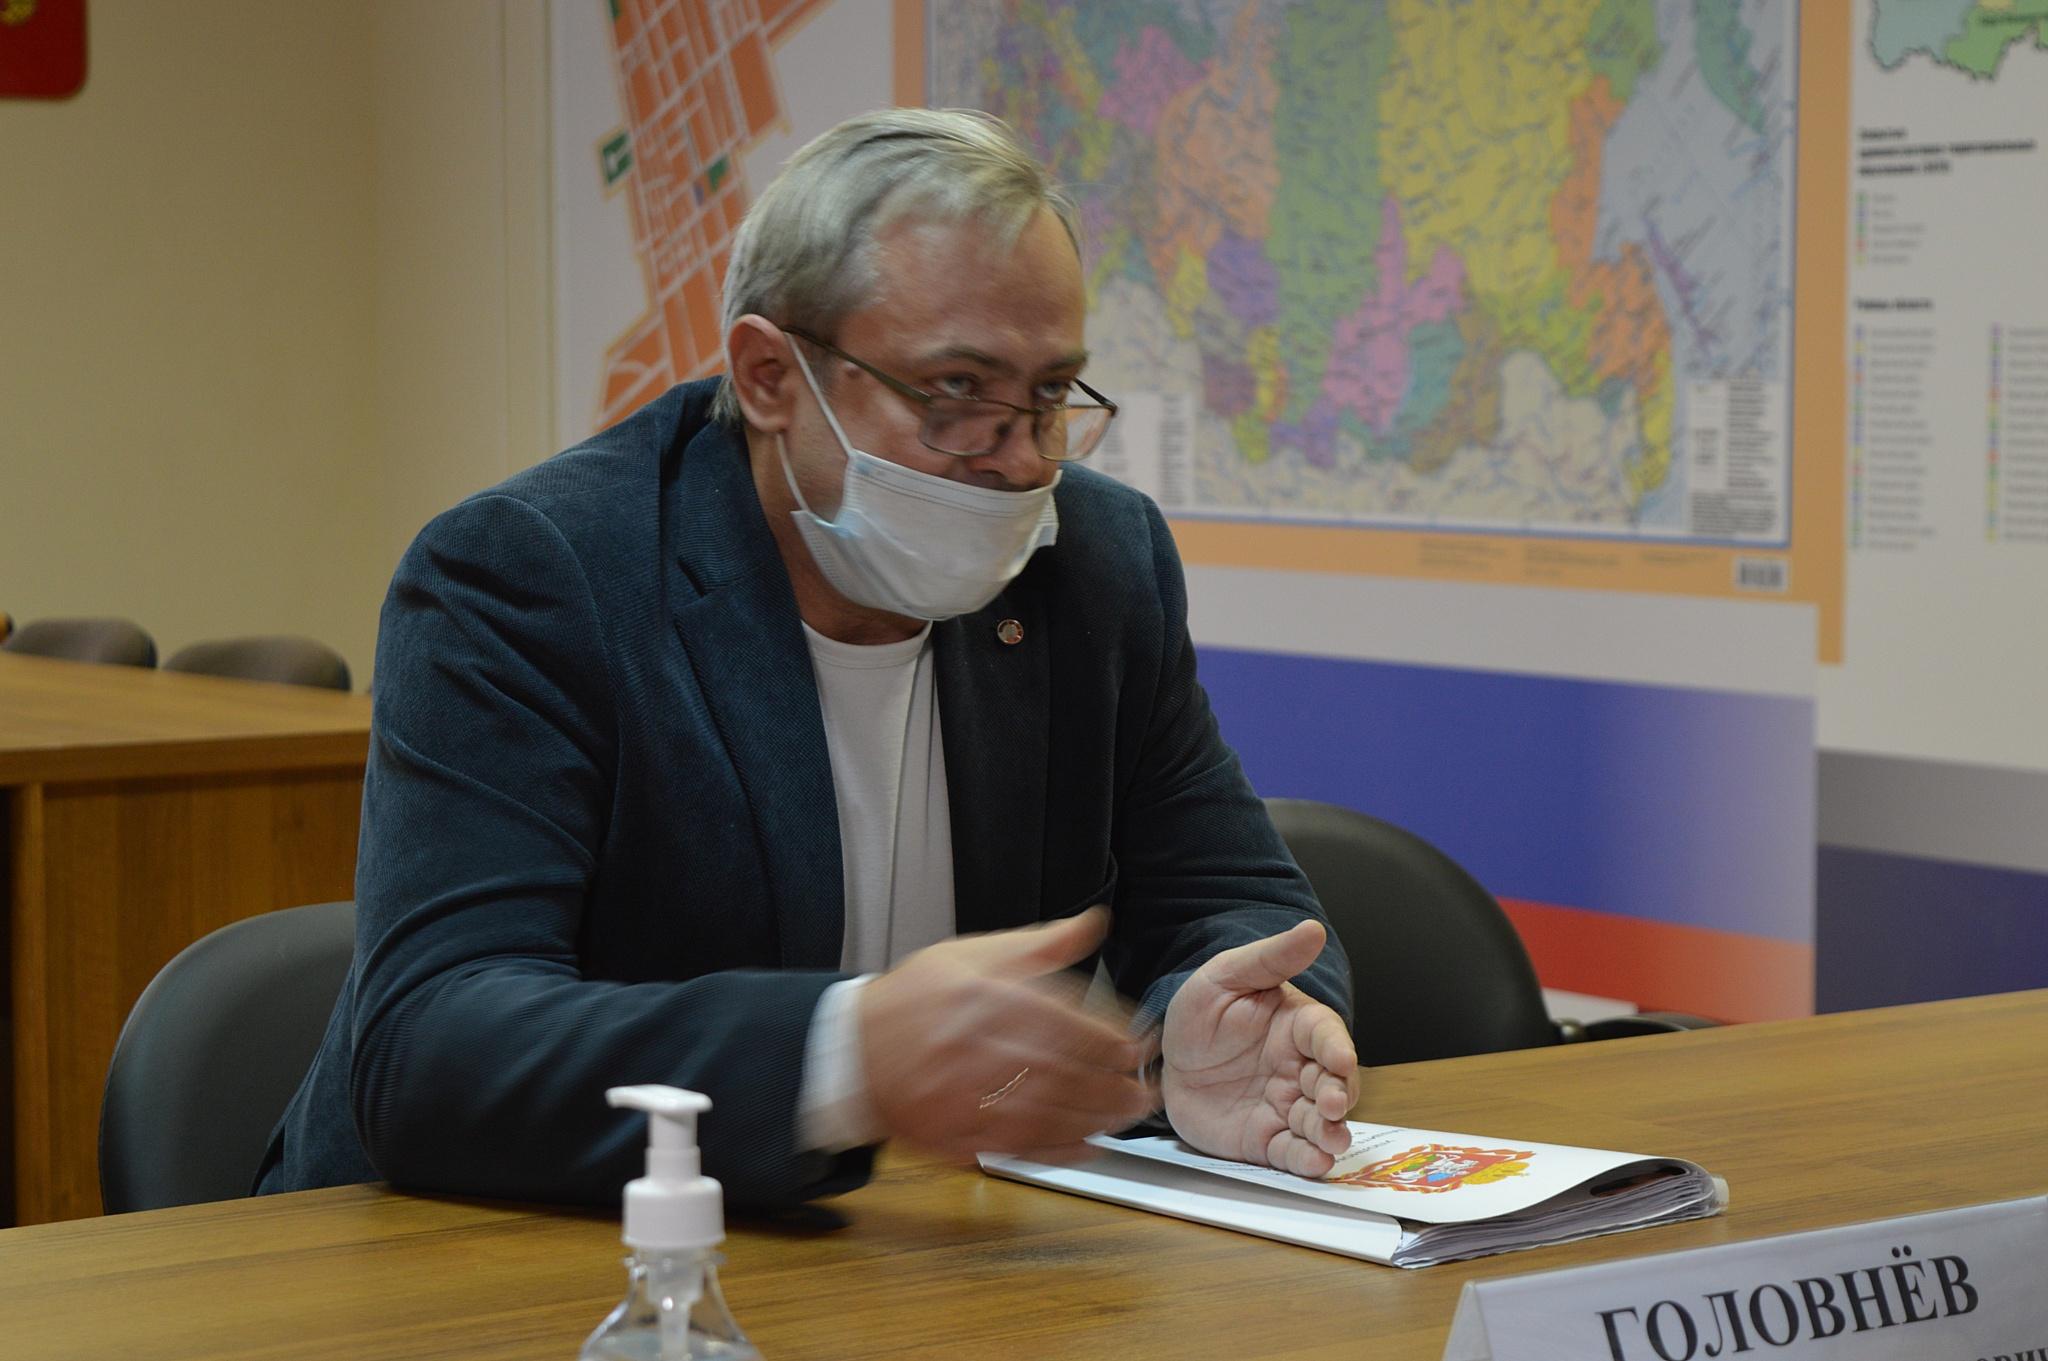 Омбудсмен и прокурор Подмосковья встретились с предпринимателями